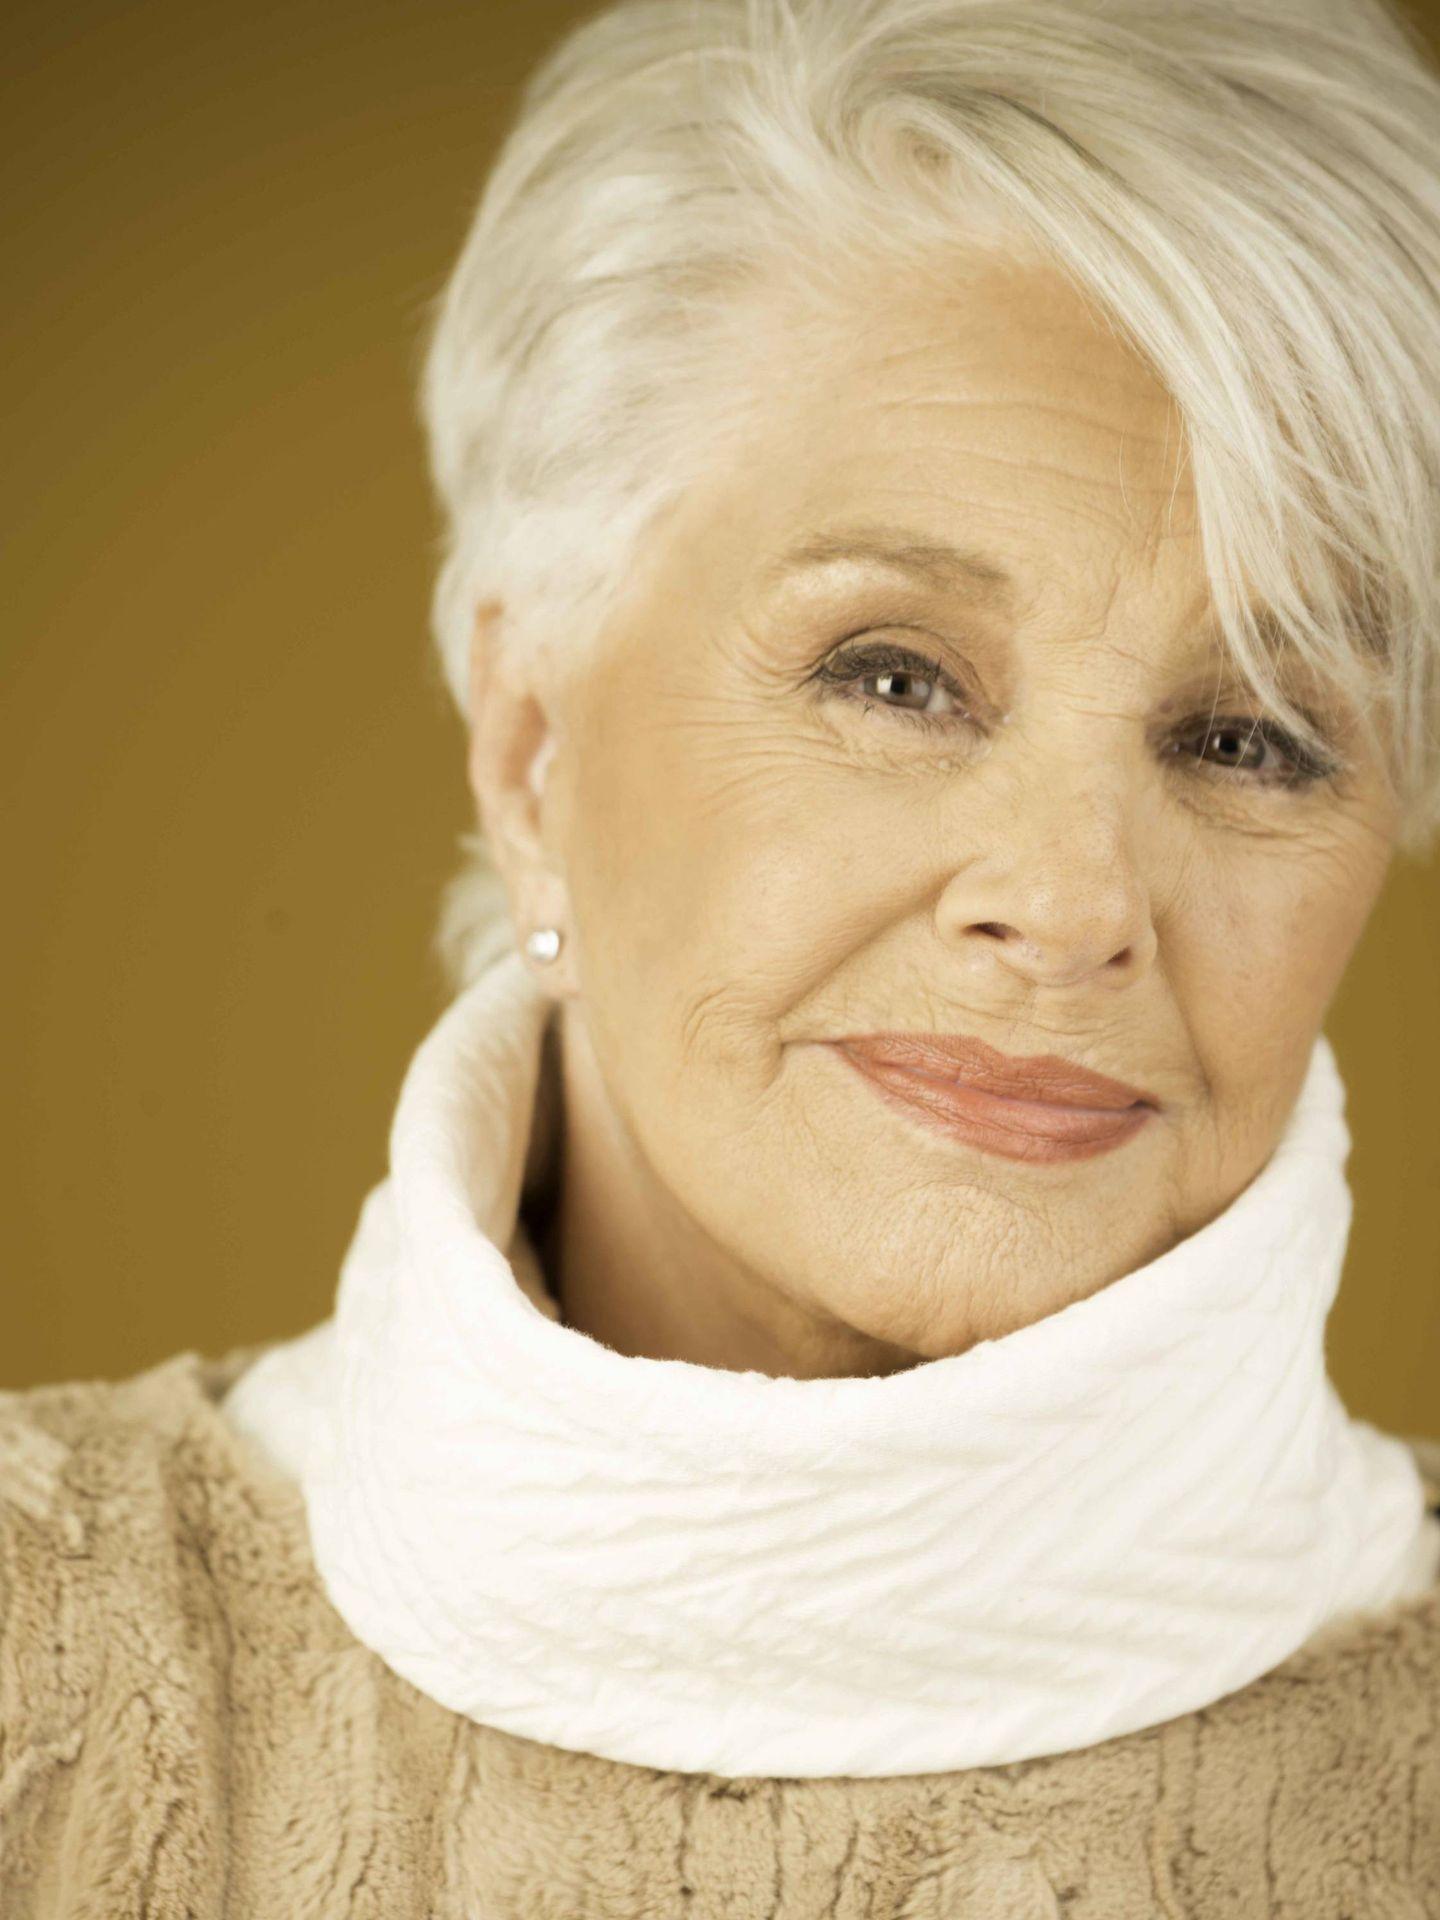 Lola Herrera, en otra imagen de la sesión. (Foto: Daniel Dicenta Herrera)